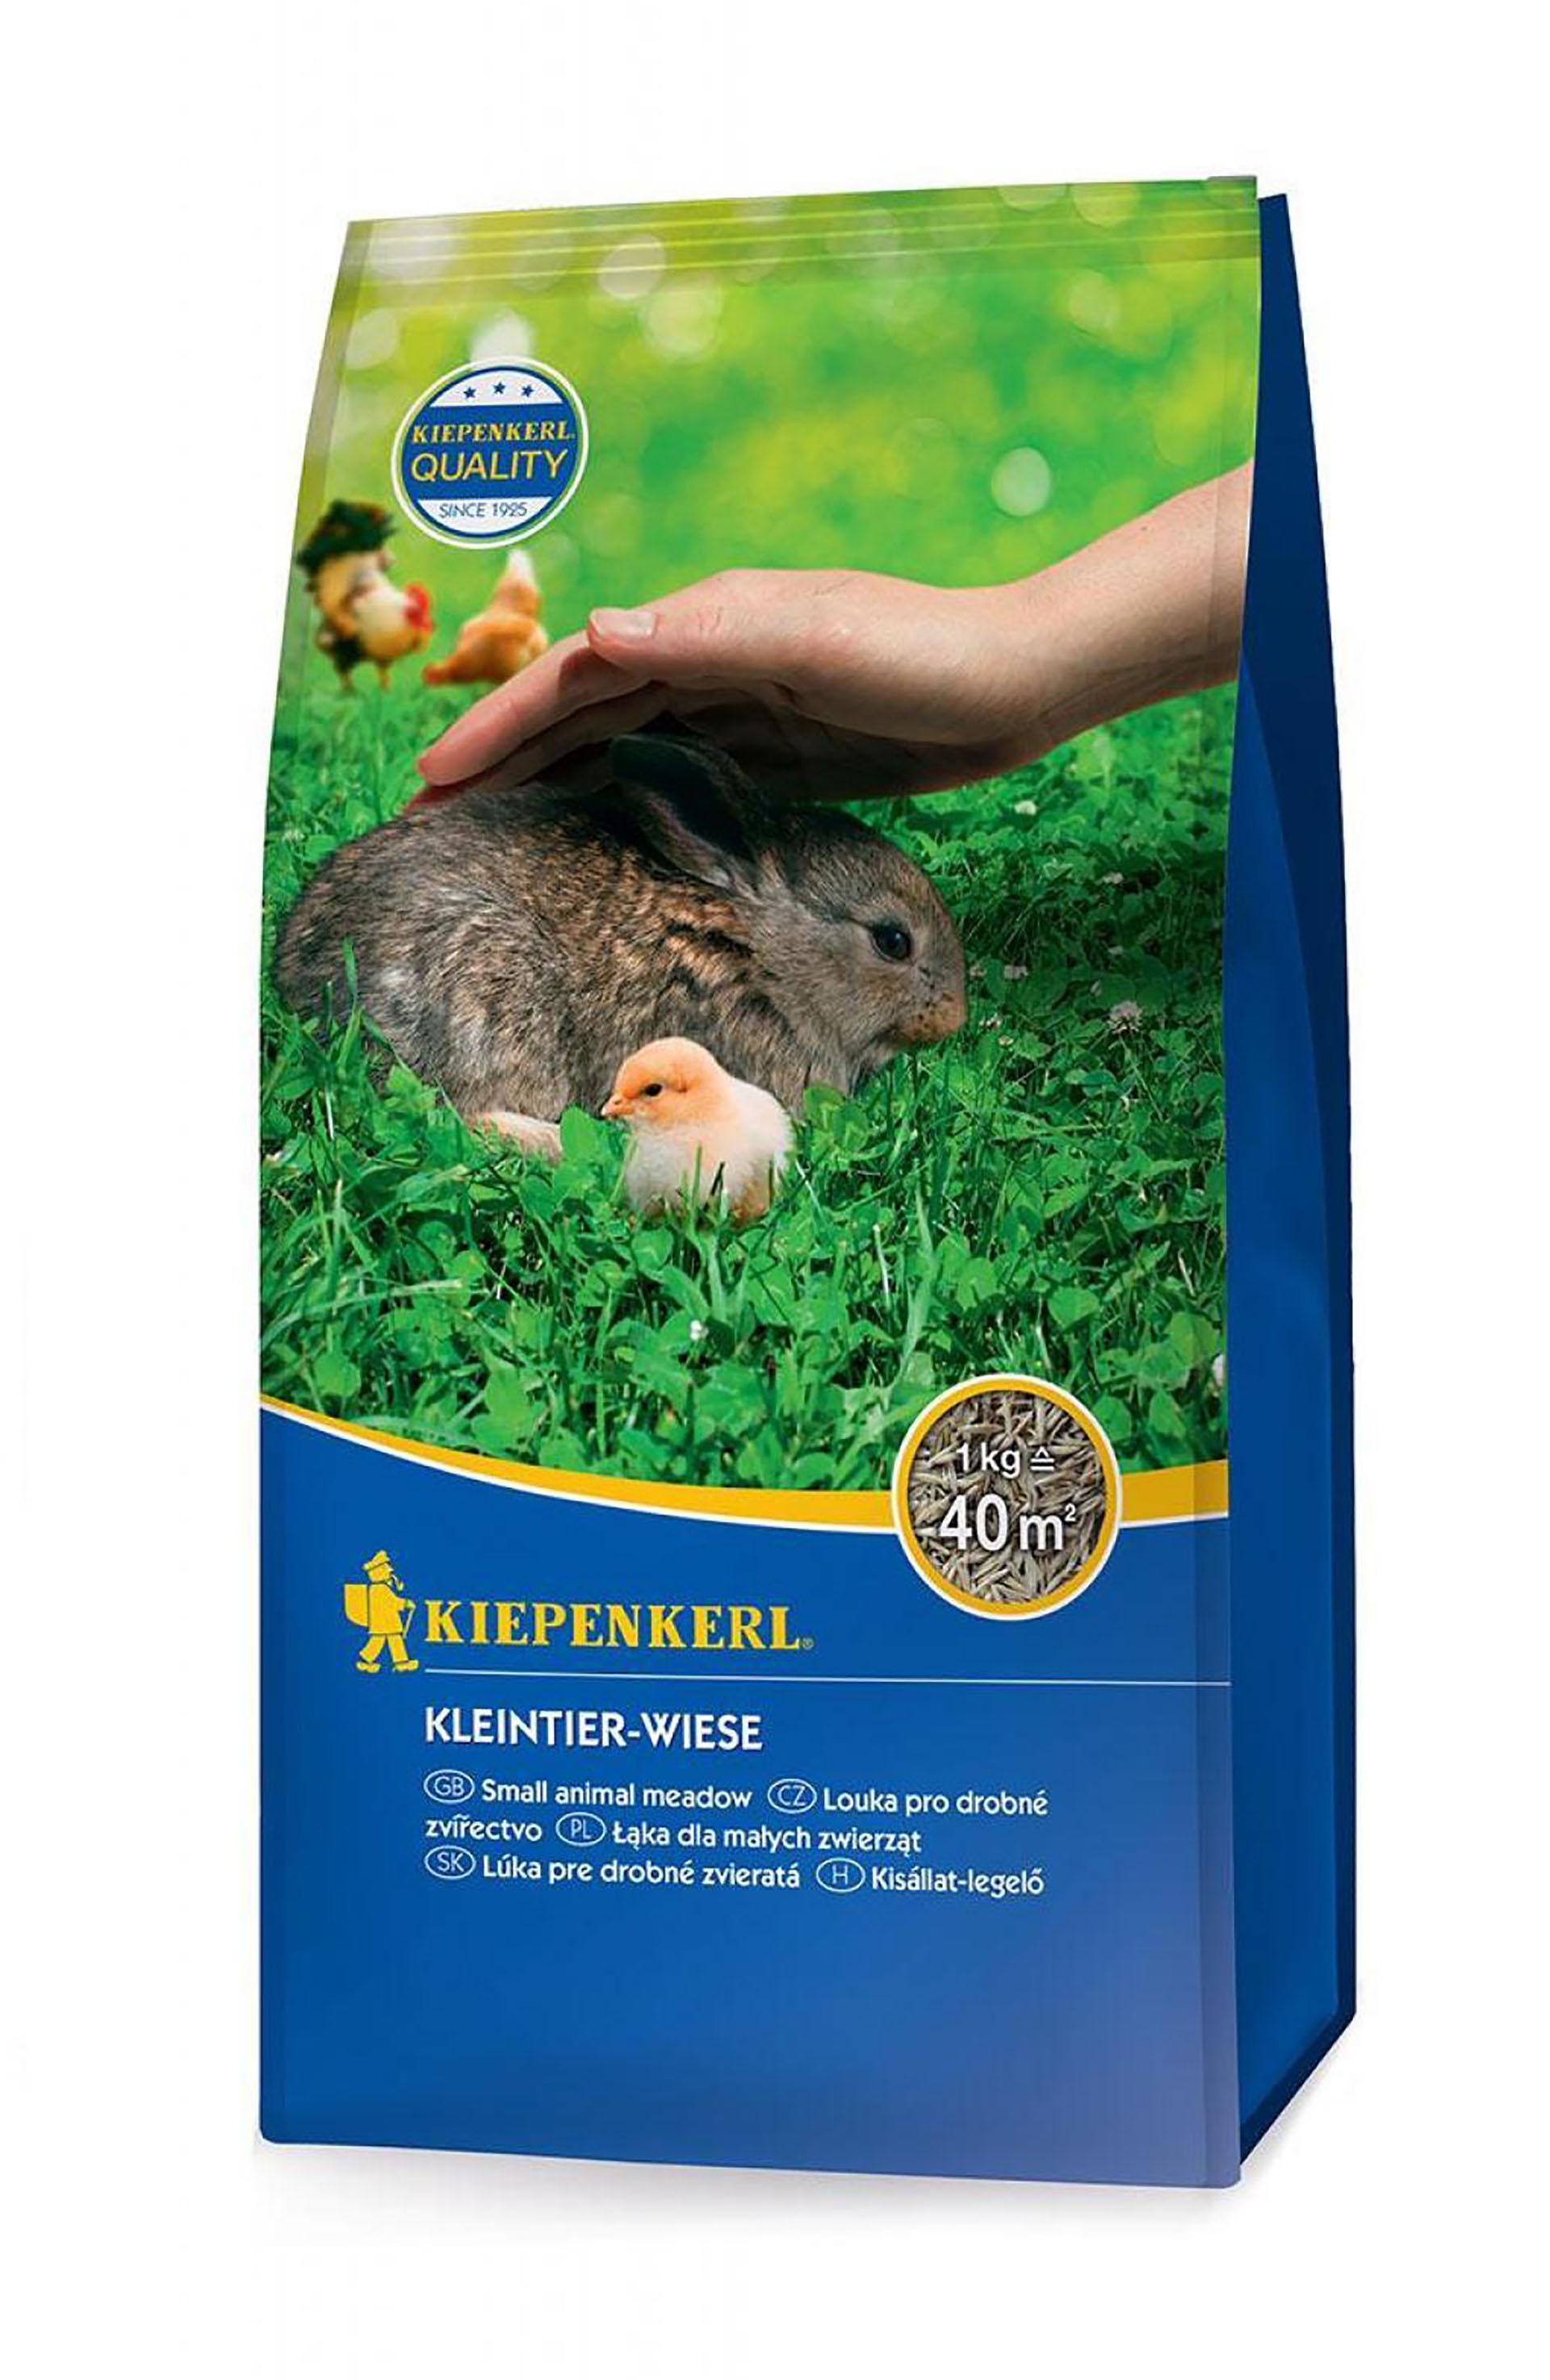 Kiepenkerl Kleintier-Wiese 1kg